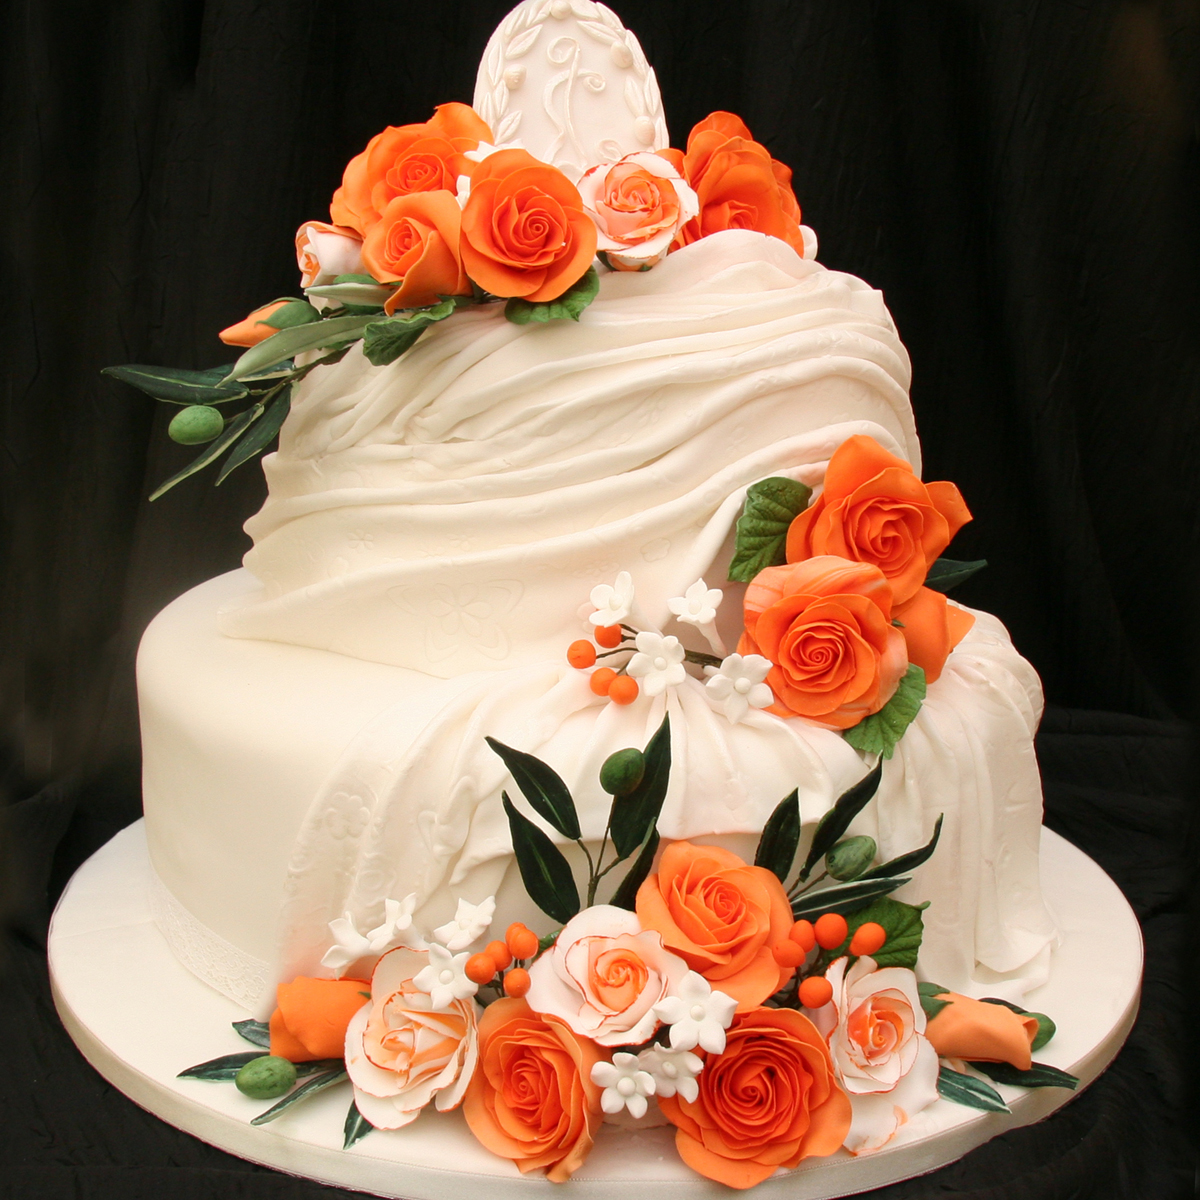 صورة صور تورتة زفاف , اشكال توته لزفاف رائعه 4262 7